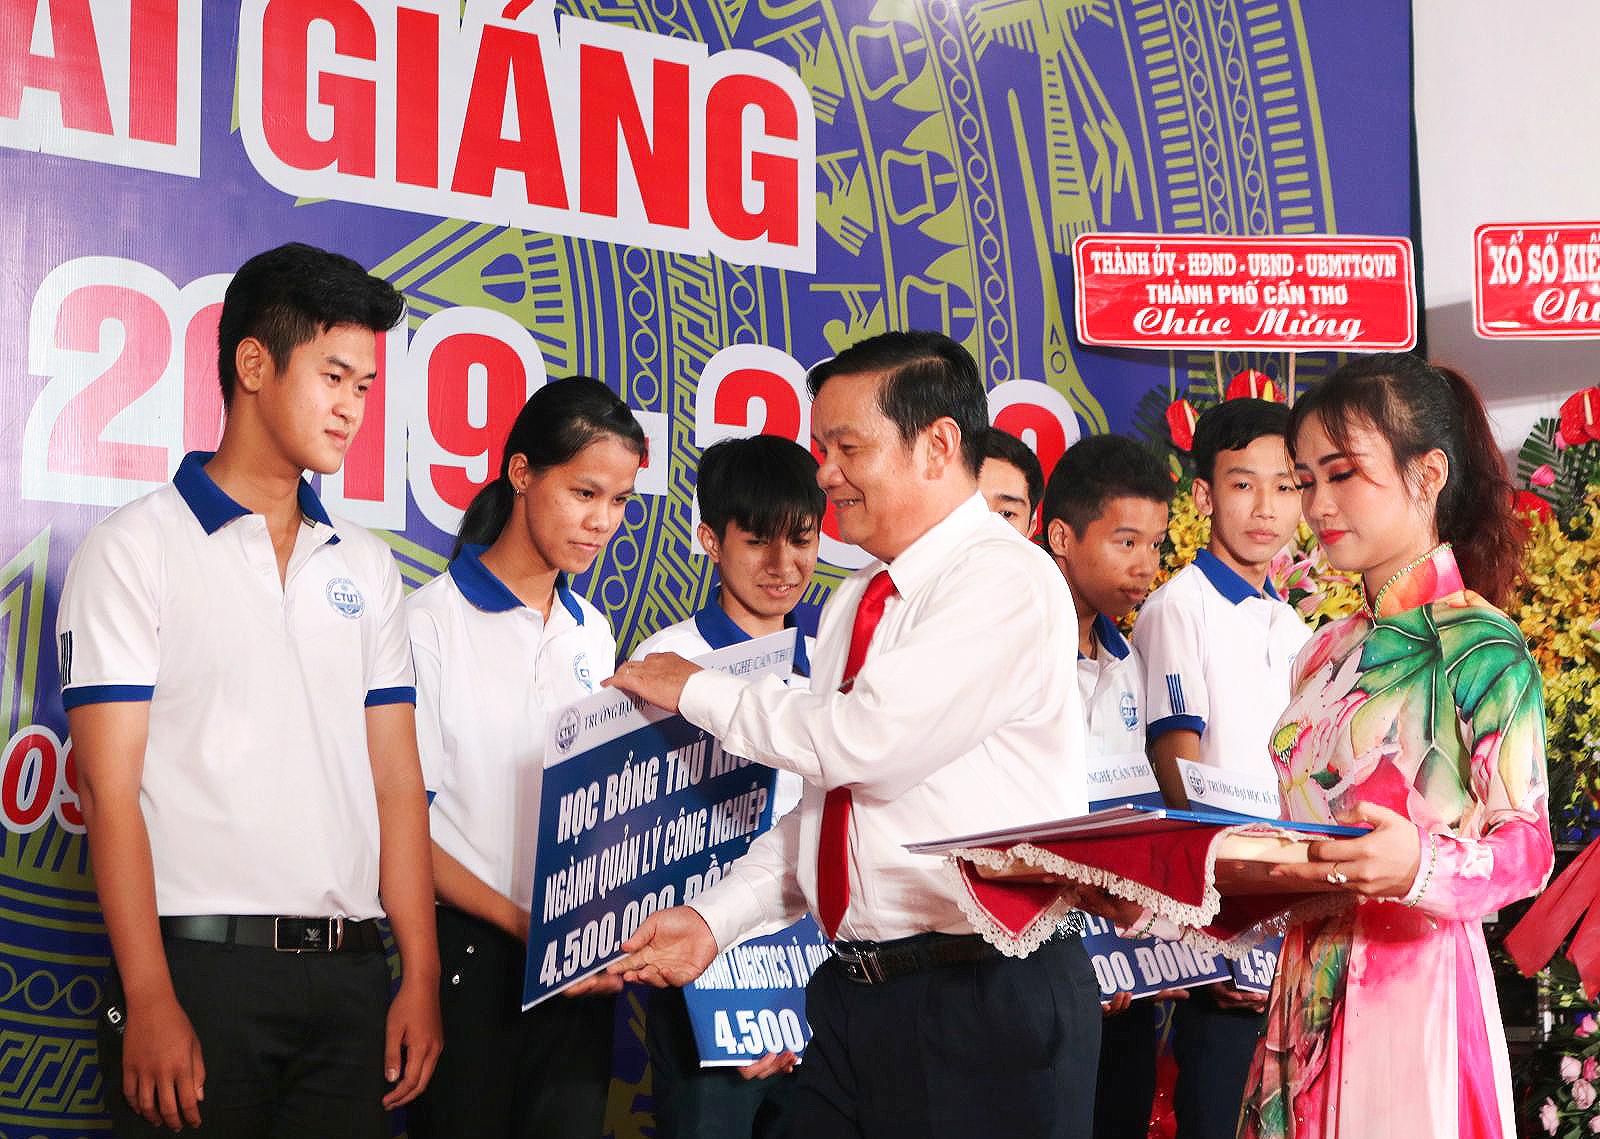 Ông Nguyễn Thành Đông, Phó Chủ tịch HĐND TP Cần Thơ, trao học bổng cho tân sinh viên là thủ khoa ngành vào trường. Ảnh: B.NG